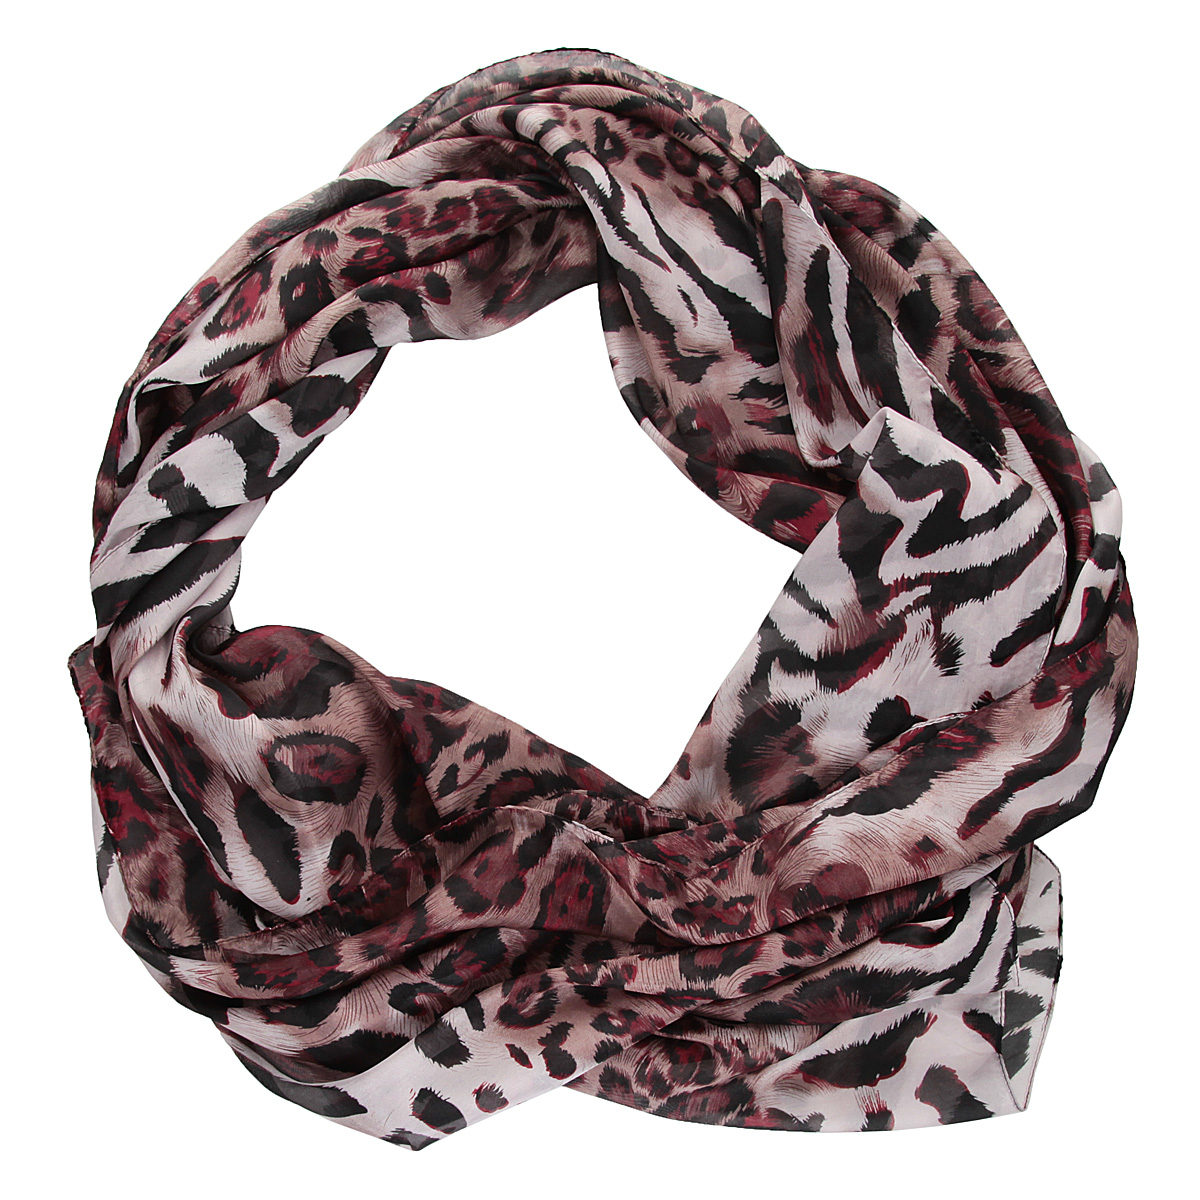 Палантин Модные истории, цвет: черный, леопардовый. 21/0201/162. Размер 90 см x 190